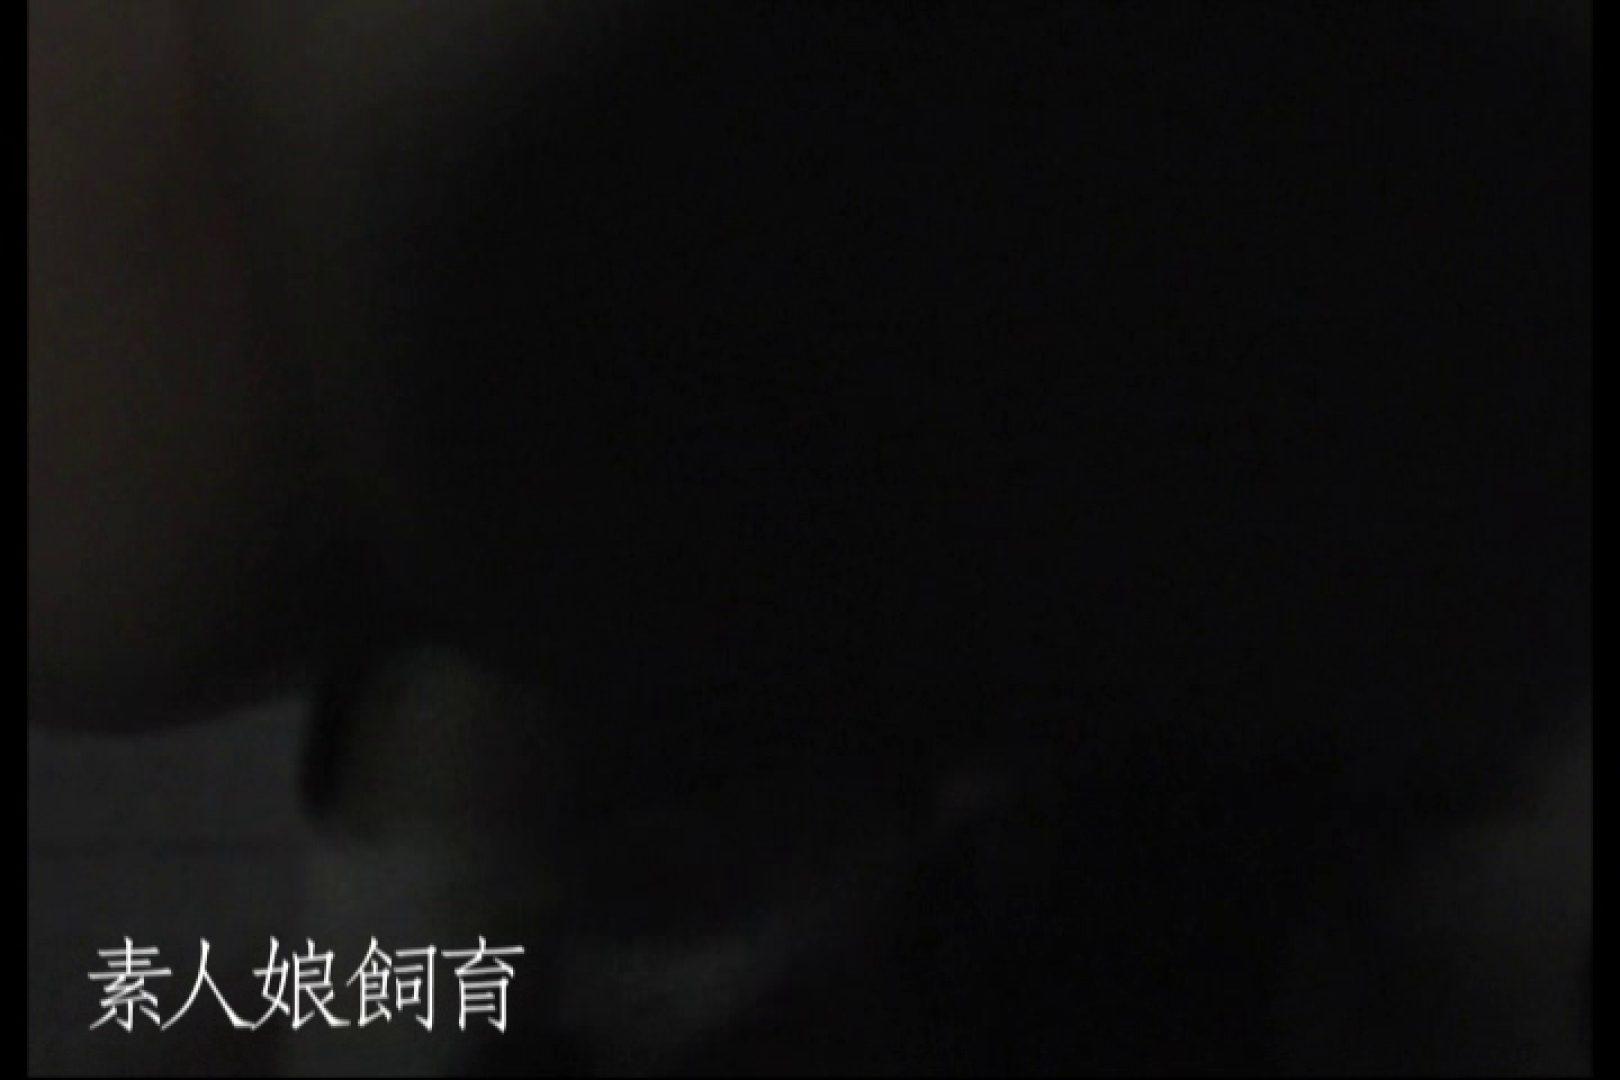 素人娘飼育~お前の餌は他人棒~公園でバイブとお漏らし 素人丸裸 のぞき動画画像 71pic 22